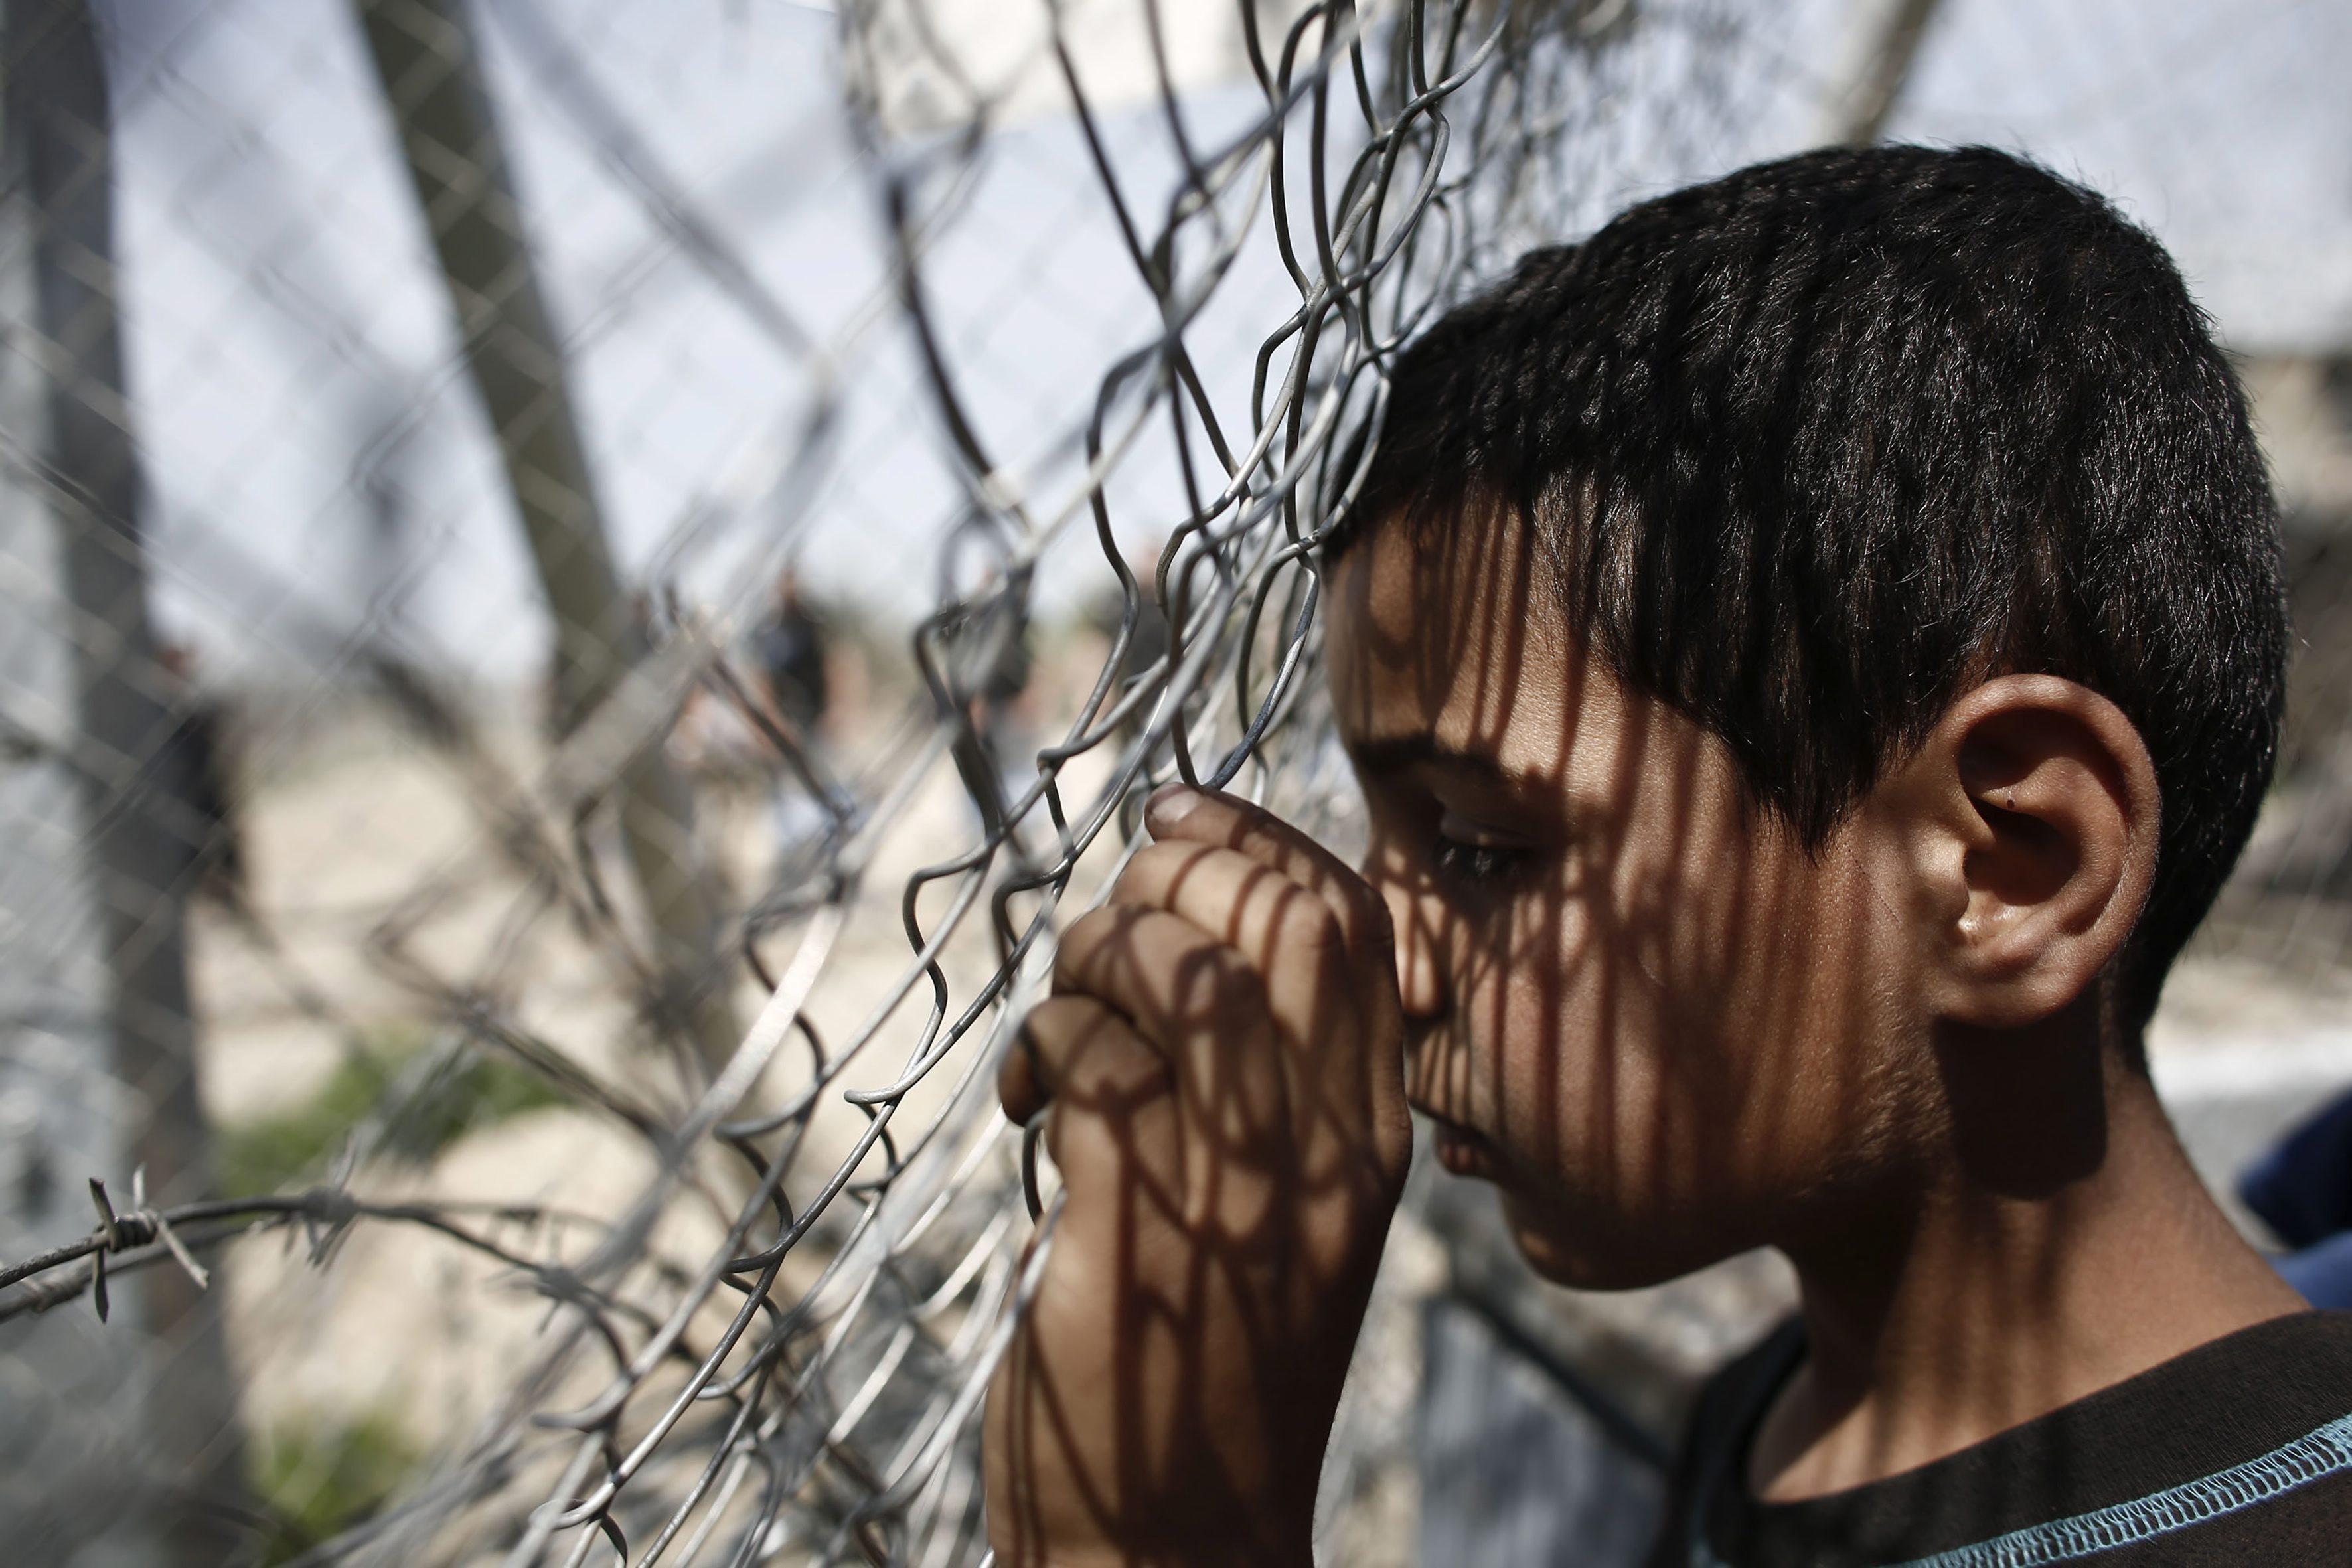 ATA02 IDOMENI (GRECIA), 07/04/2016.- Un niño se apoya en una valla durante una manifestación por la apertura de las fronteras a Macedonia en el campo improvisado de refugiados de Idomeni, Grecia hoy 7 de abril de 2016. Las llegadas de refugiados a las costas griegas desde Turquía se mantienen en niveles bajos, ya que en las últimas 24 horas han desembarcado 76 personas, la mayoría en la isla de Quíos. La tendencia se mantiene estable con respecto a las cifras de la víspera, cuando llegaron 68 refugiados a territorio griego. EFE/Kostas Tsironis